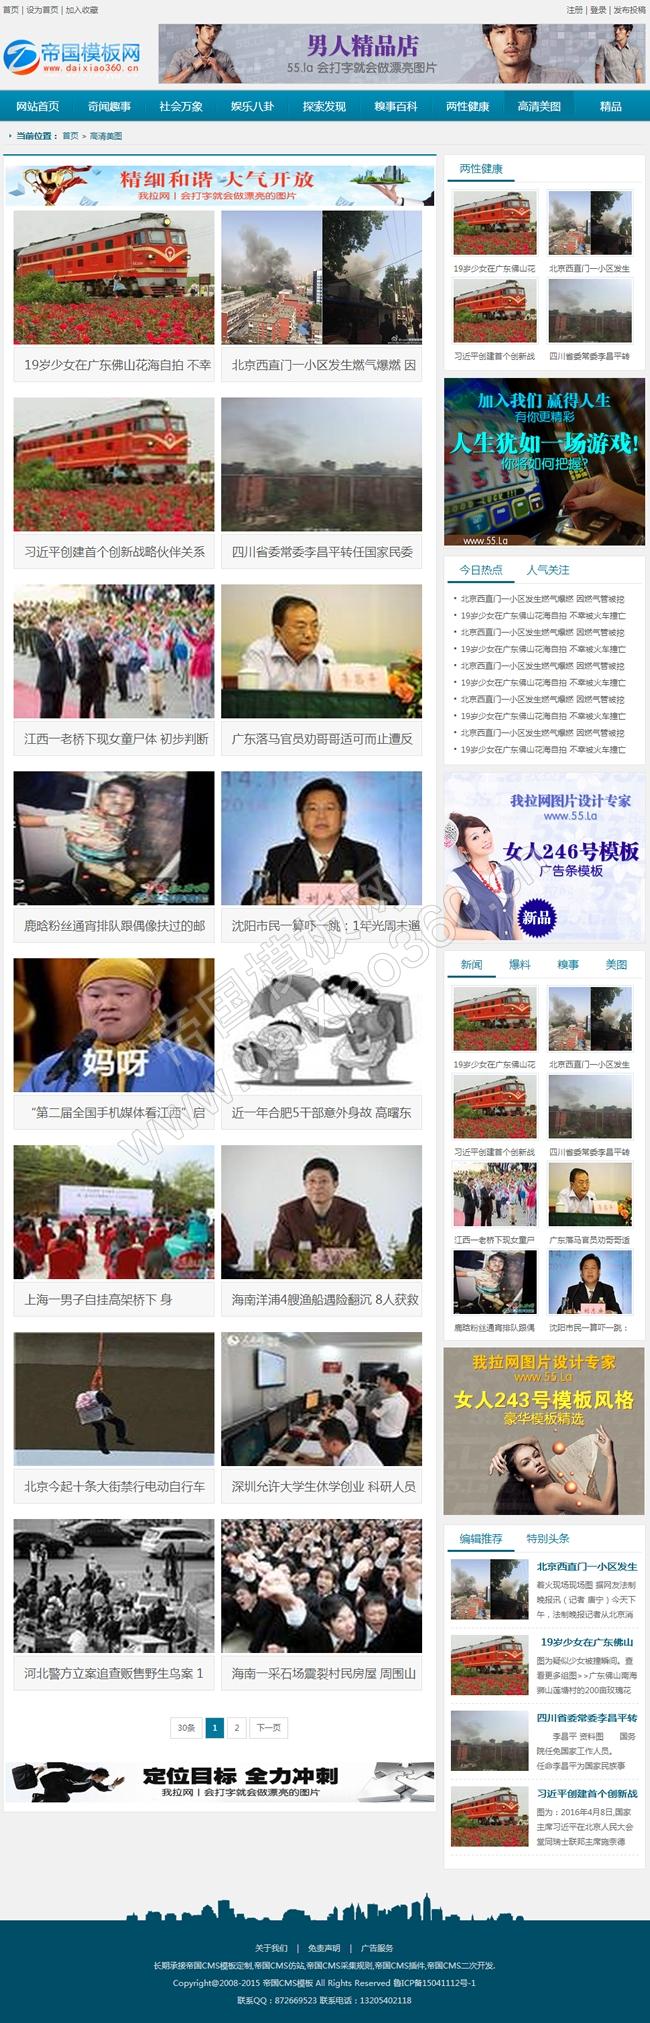 帝国cms新闻文章资讯模板加手机wap模板_图片列表